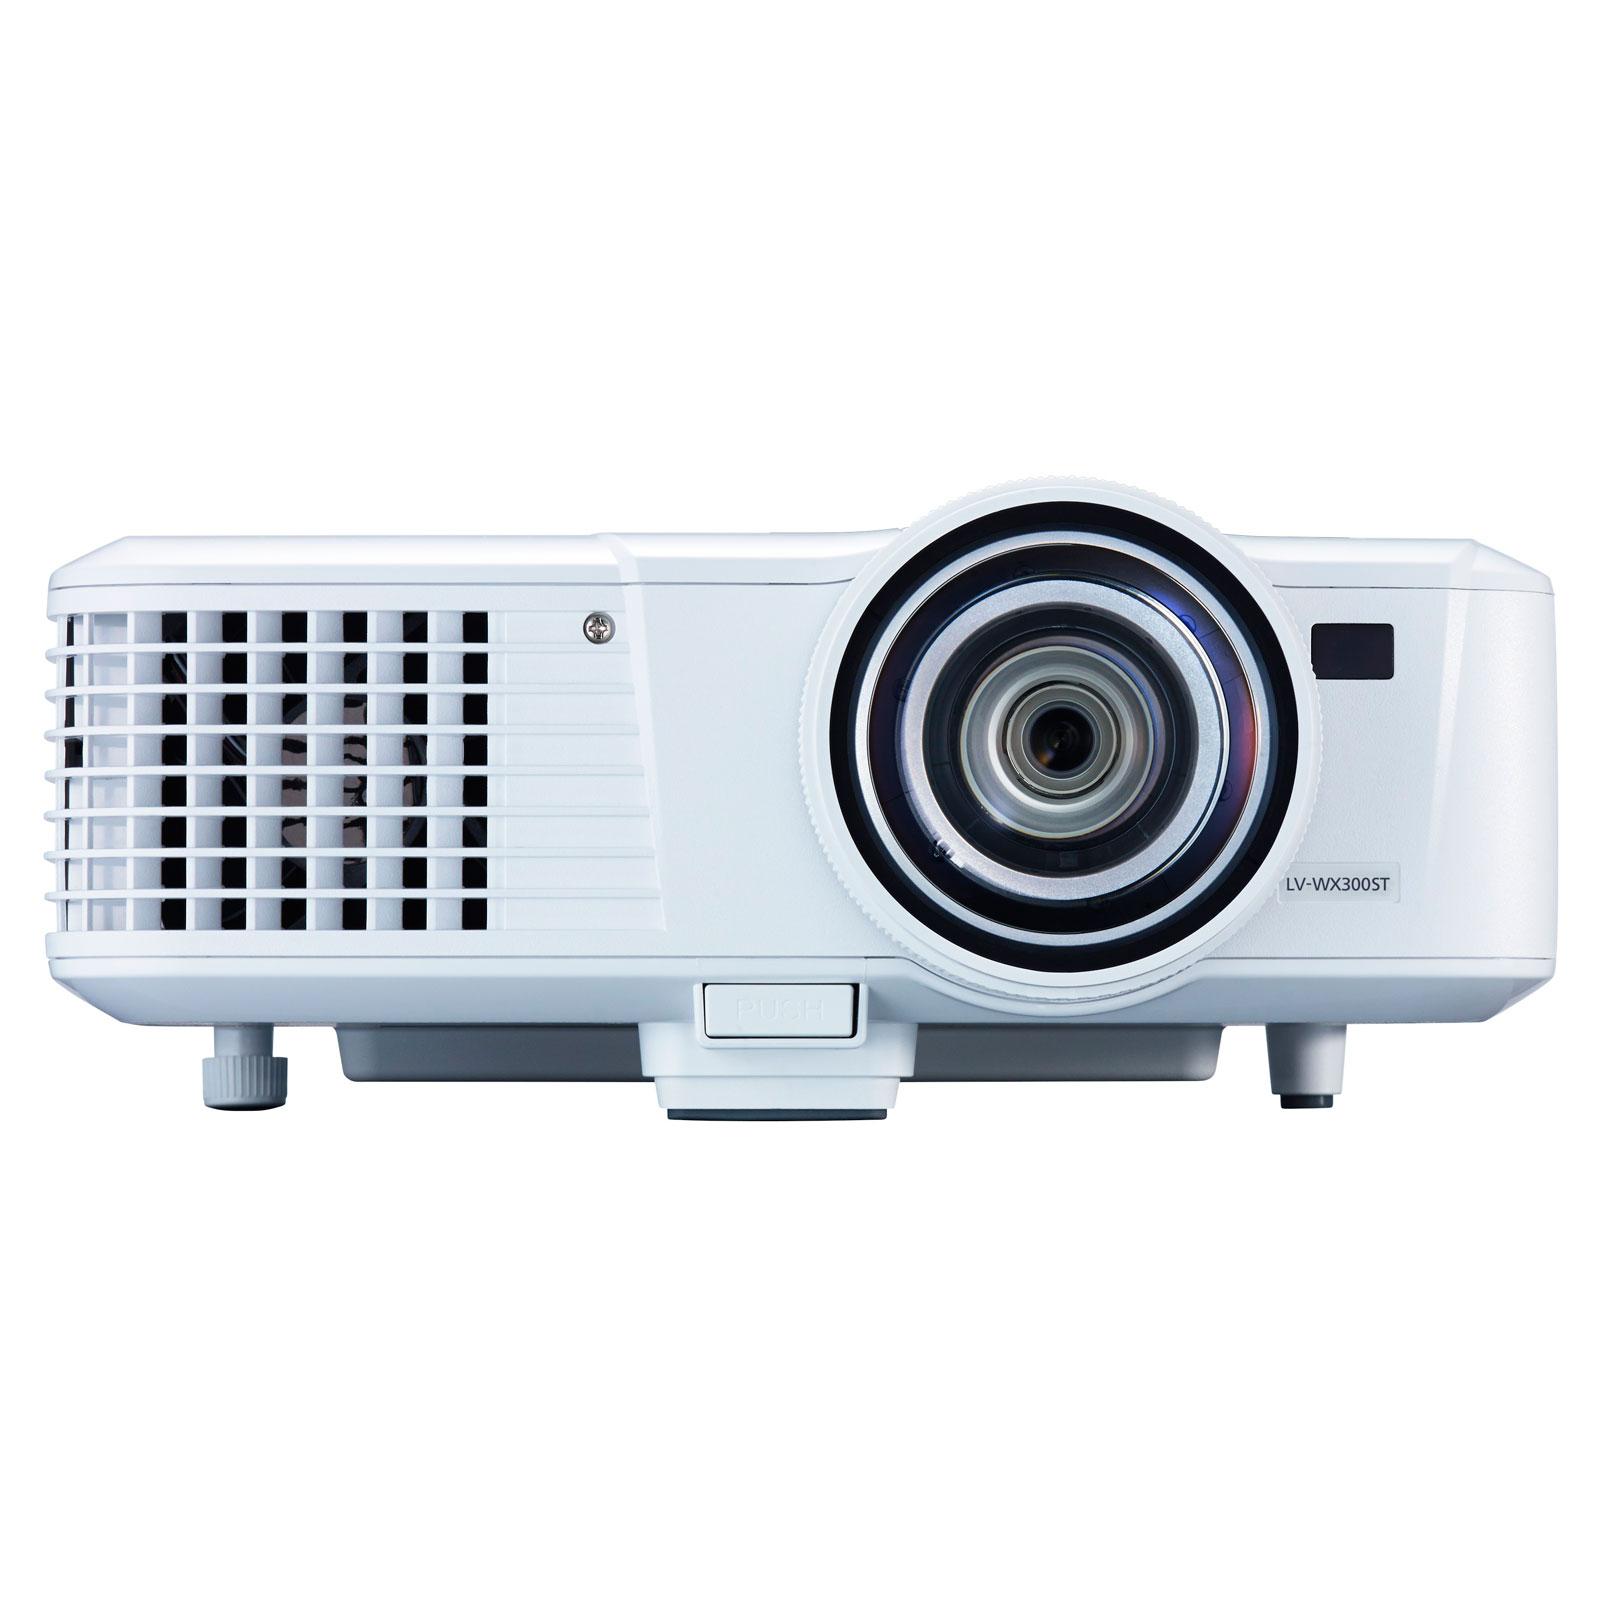 Vidéoprojecteur Canon LV-WX300ST Vidéoprojecteur DLP WXGA 3000 Lumens HDMI focale courte (garantie constructeur 3 ans)